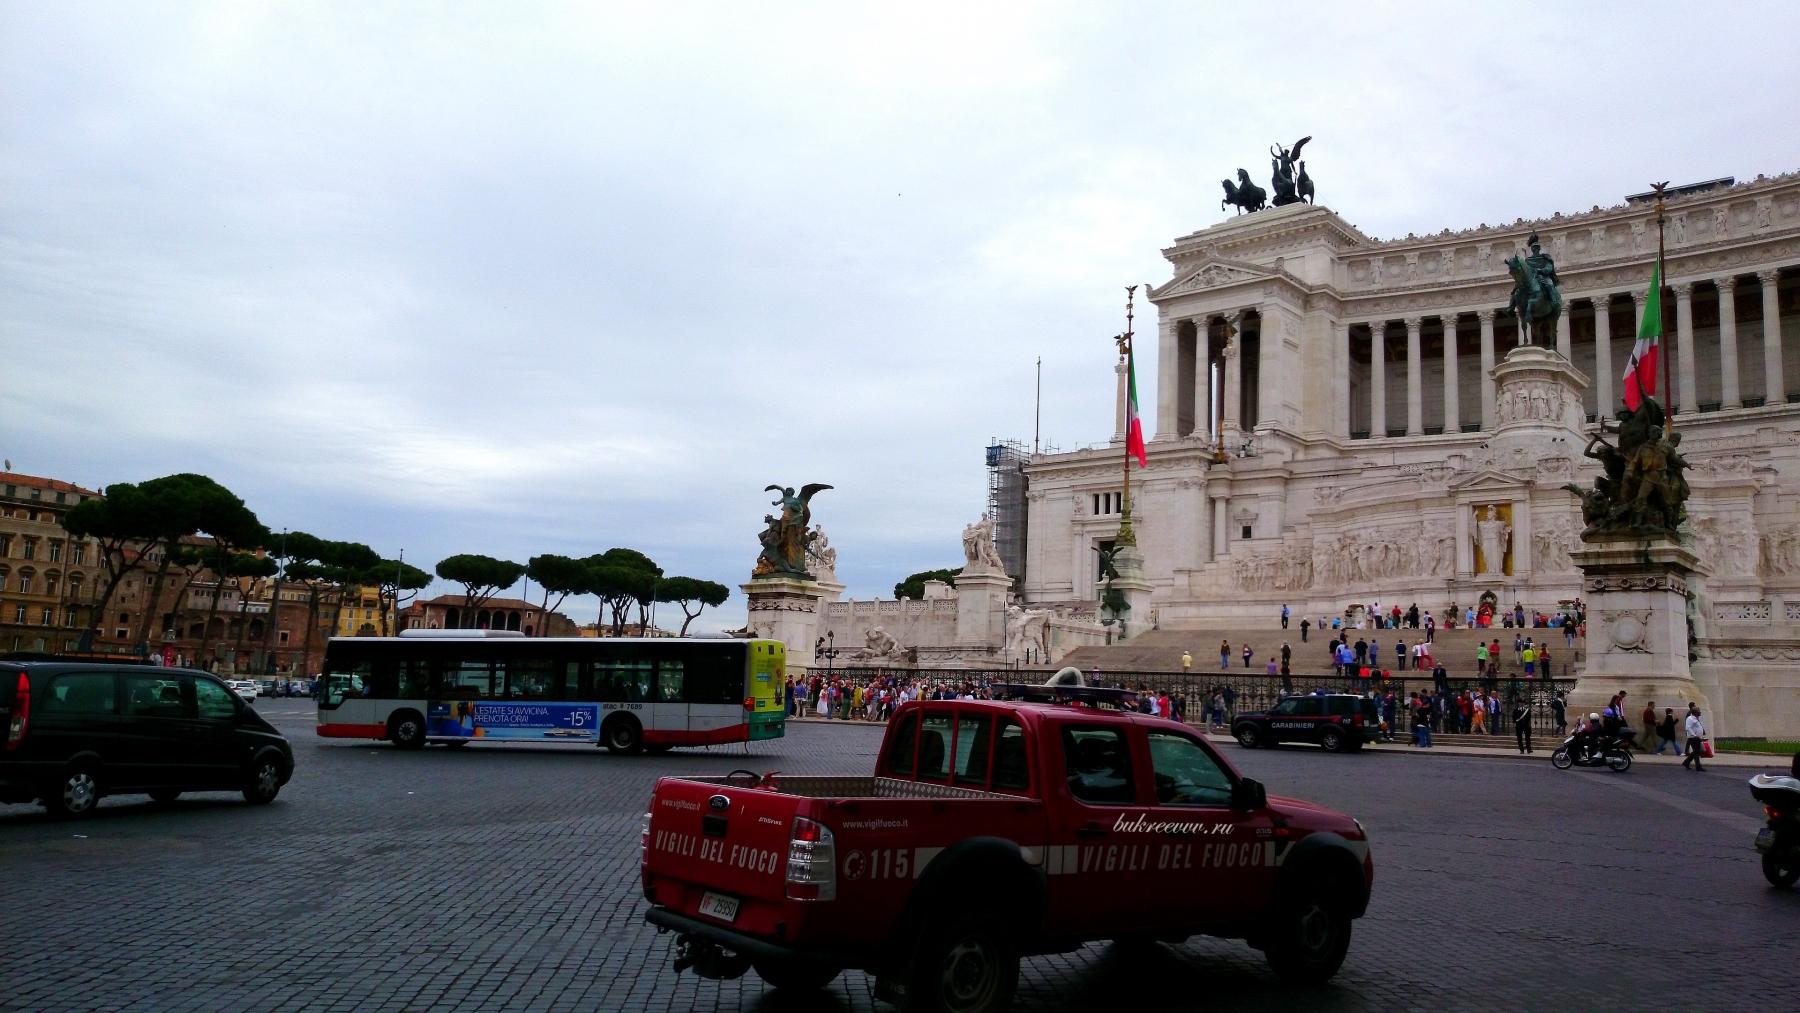 Piazza Venezia 62